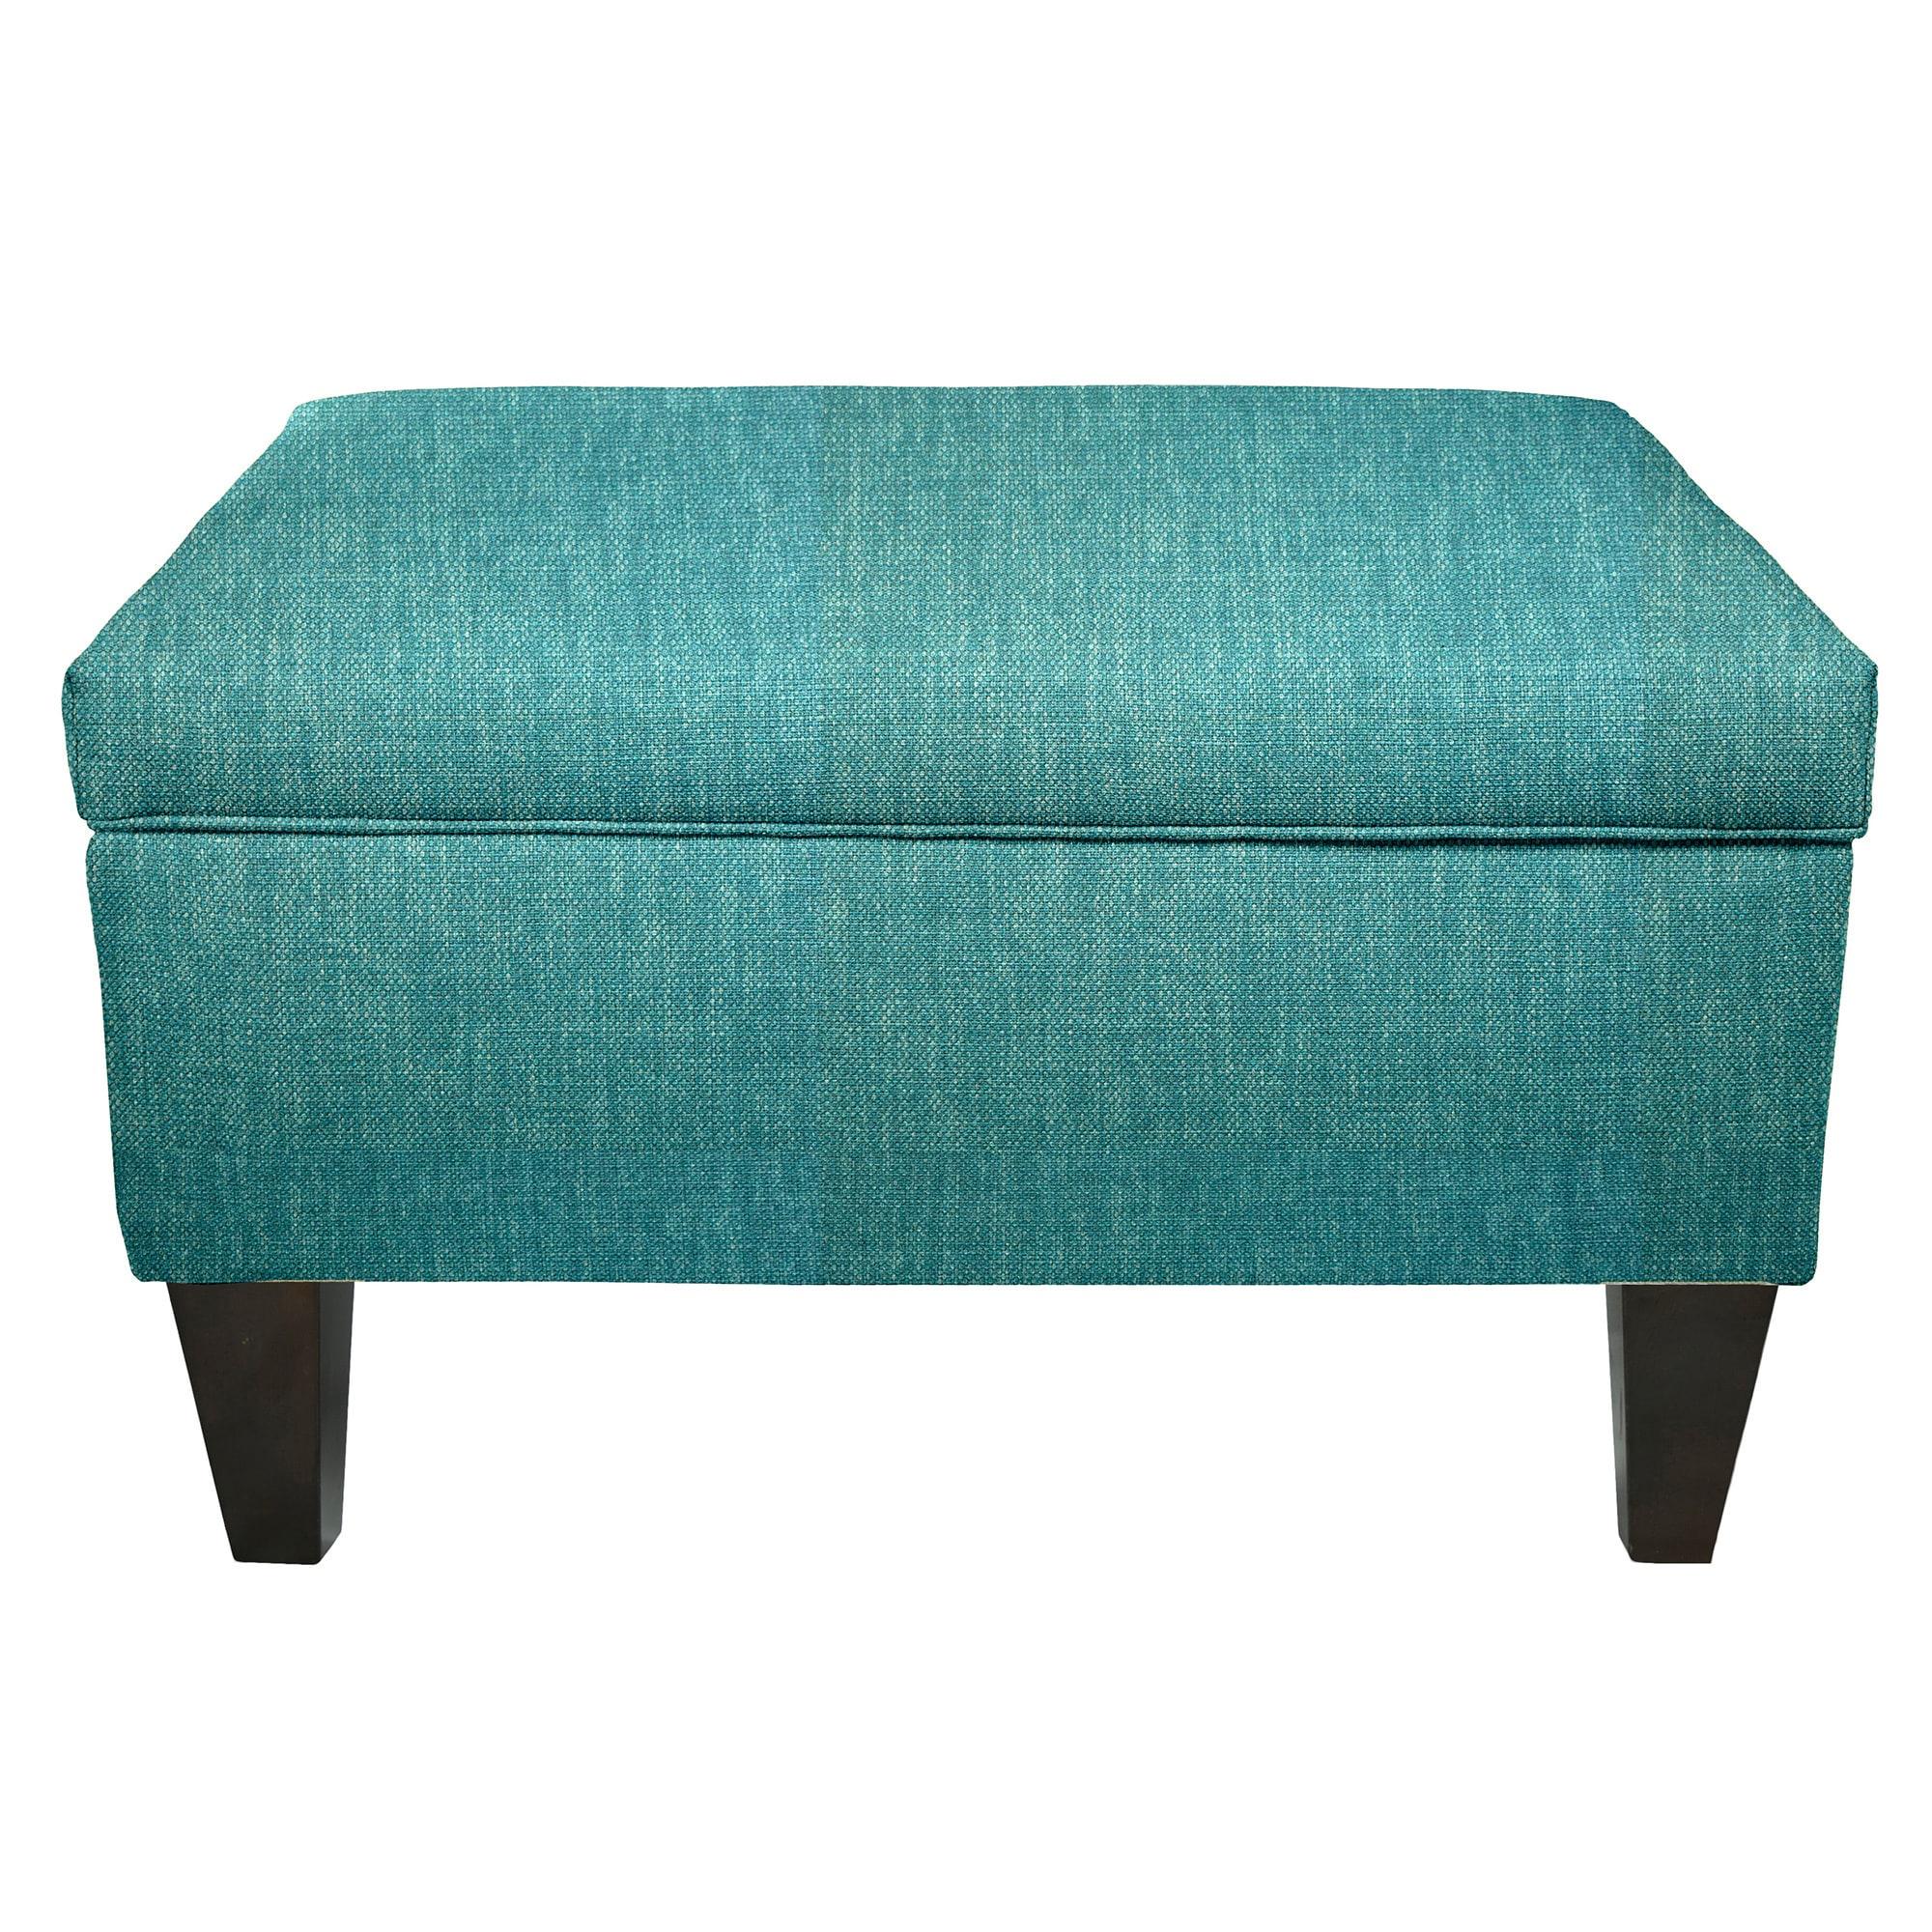 Shop MJL Furniture BROOKLYN Wood Polyester-upholstered Storage ...